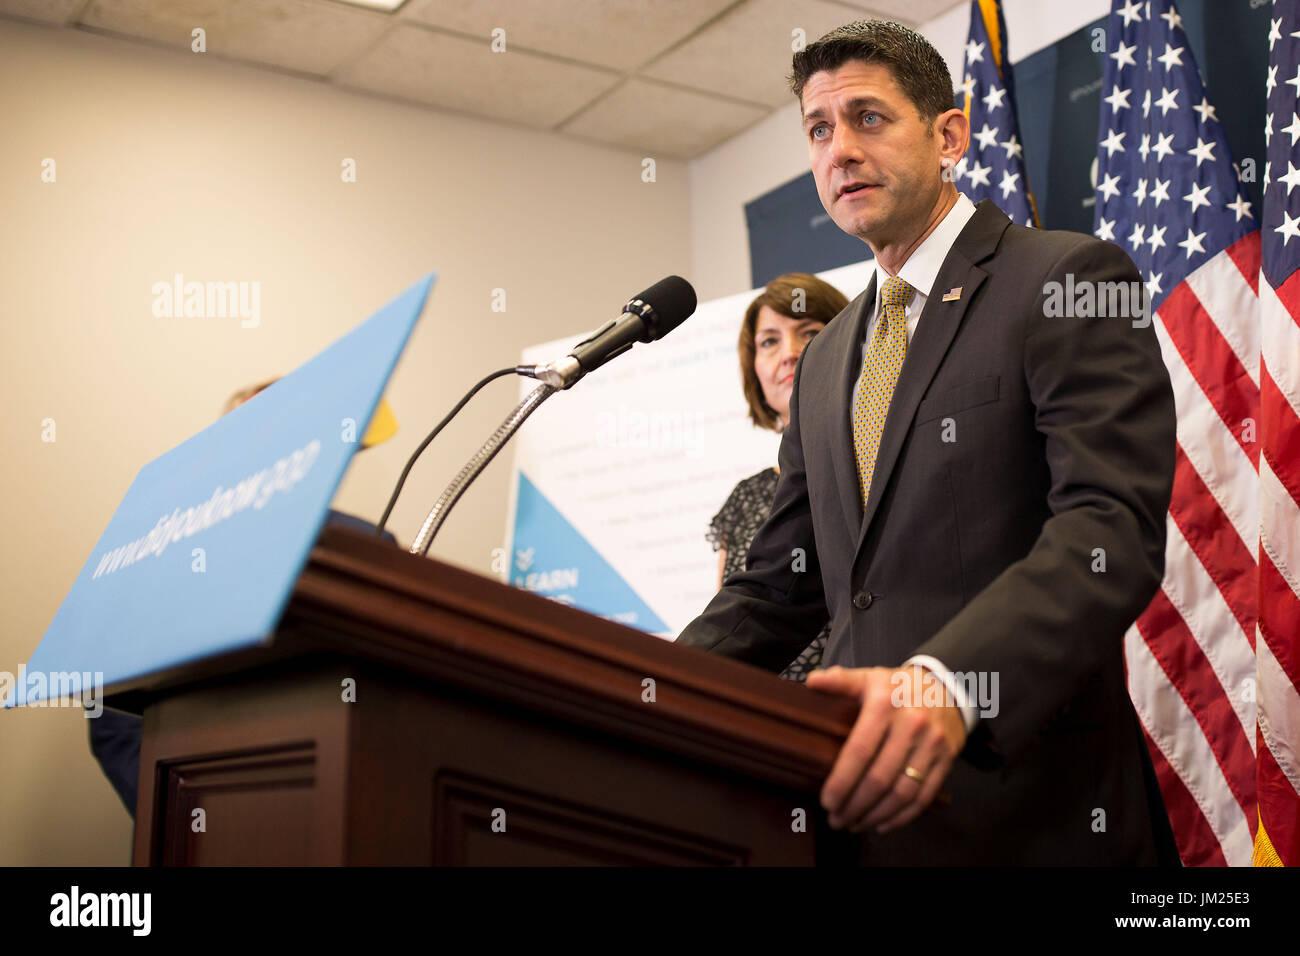 Washington, Estados Unidos. El 25 de julio de 2017. El portavoz de la Cámara de Representantes de EE.UU. Paul Ryan (delantero) habla en una conferencia de prensa en el Capitolio en Washington, DC, Estados Unidos, el 25 de julio de 2017. La Cámara de Representantes de Estados Unidos aprobó por abrumadora mayoría el martes un proyecto de ley que golpeará endurecer las sanciones en Rusia, Irán y la República Popular Democrática de Corea (RPDC). Crédito: Shen Ting/Xinhua/Alamy Live News Imagen De Stock